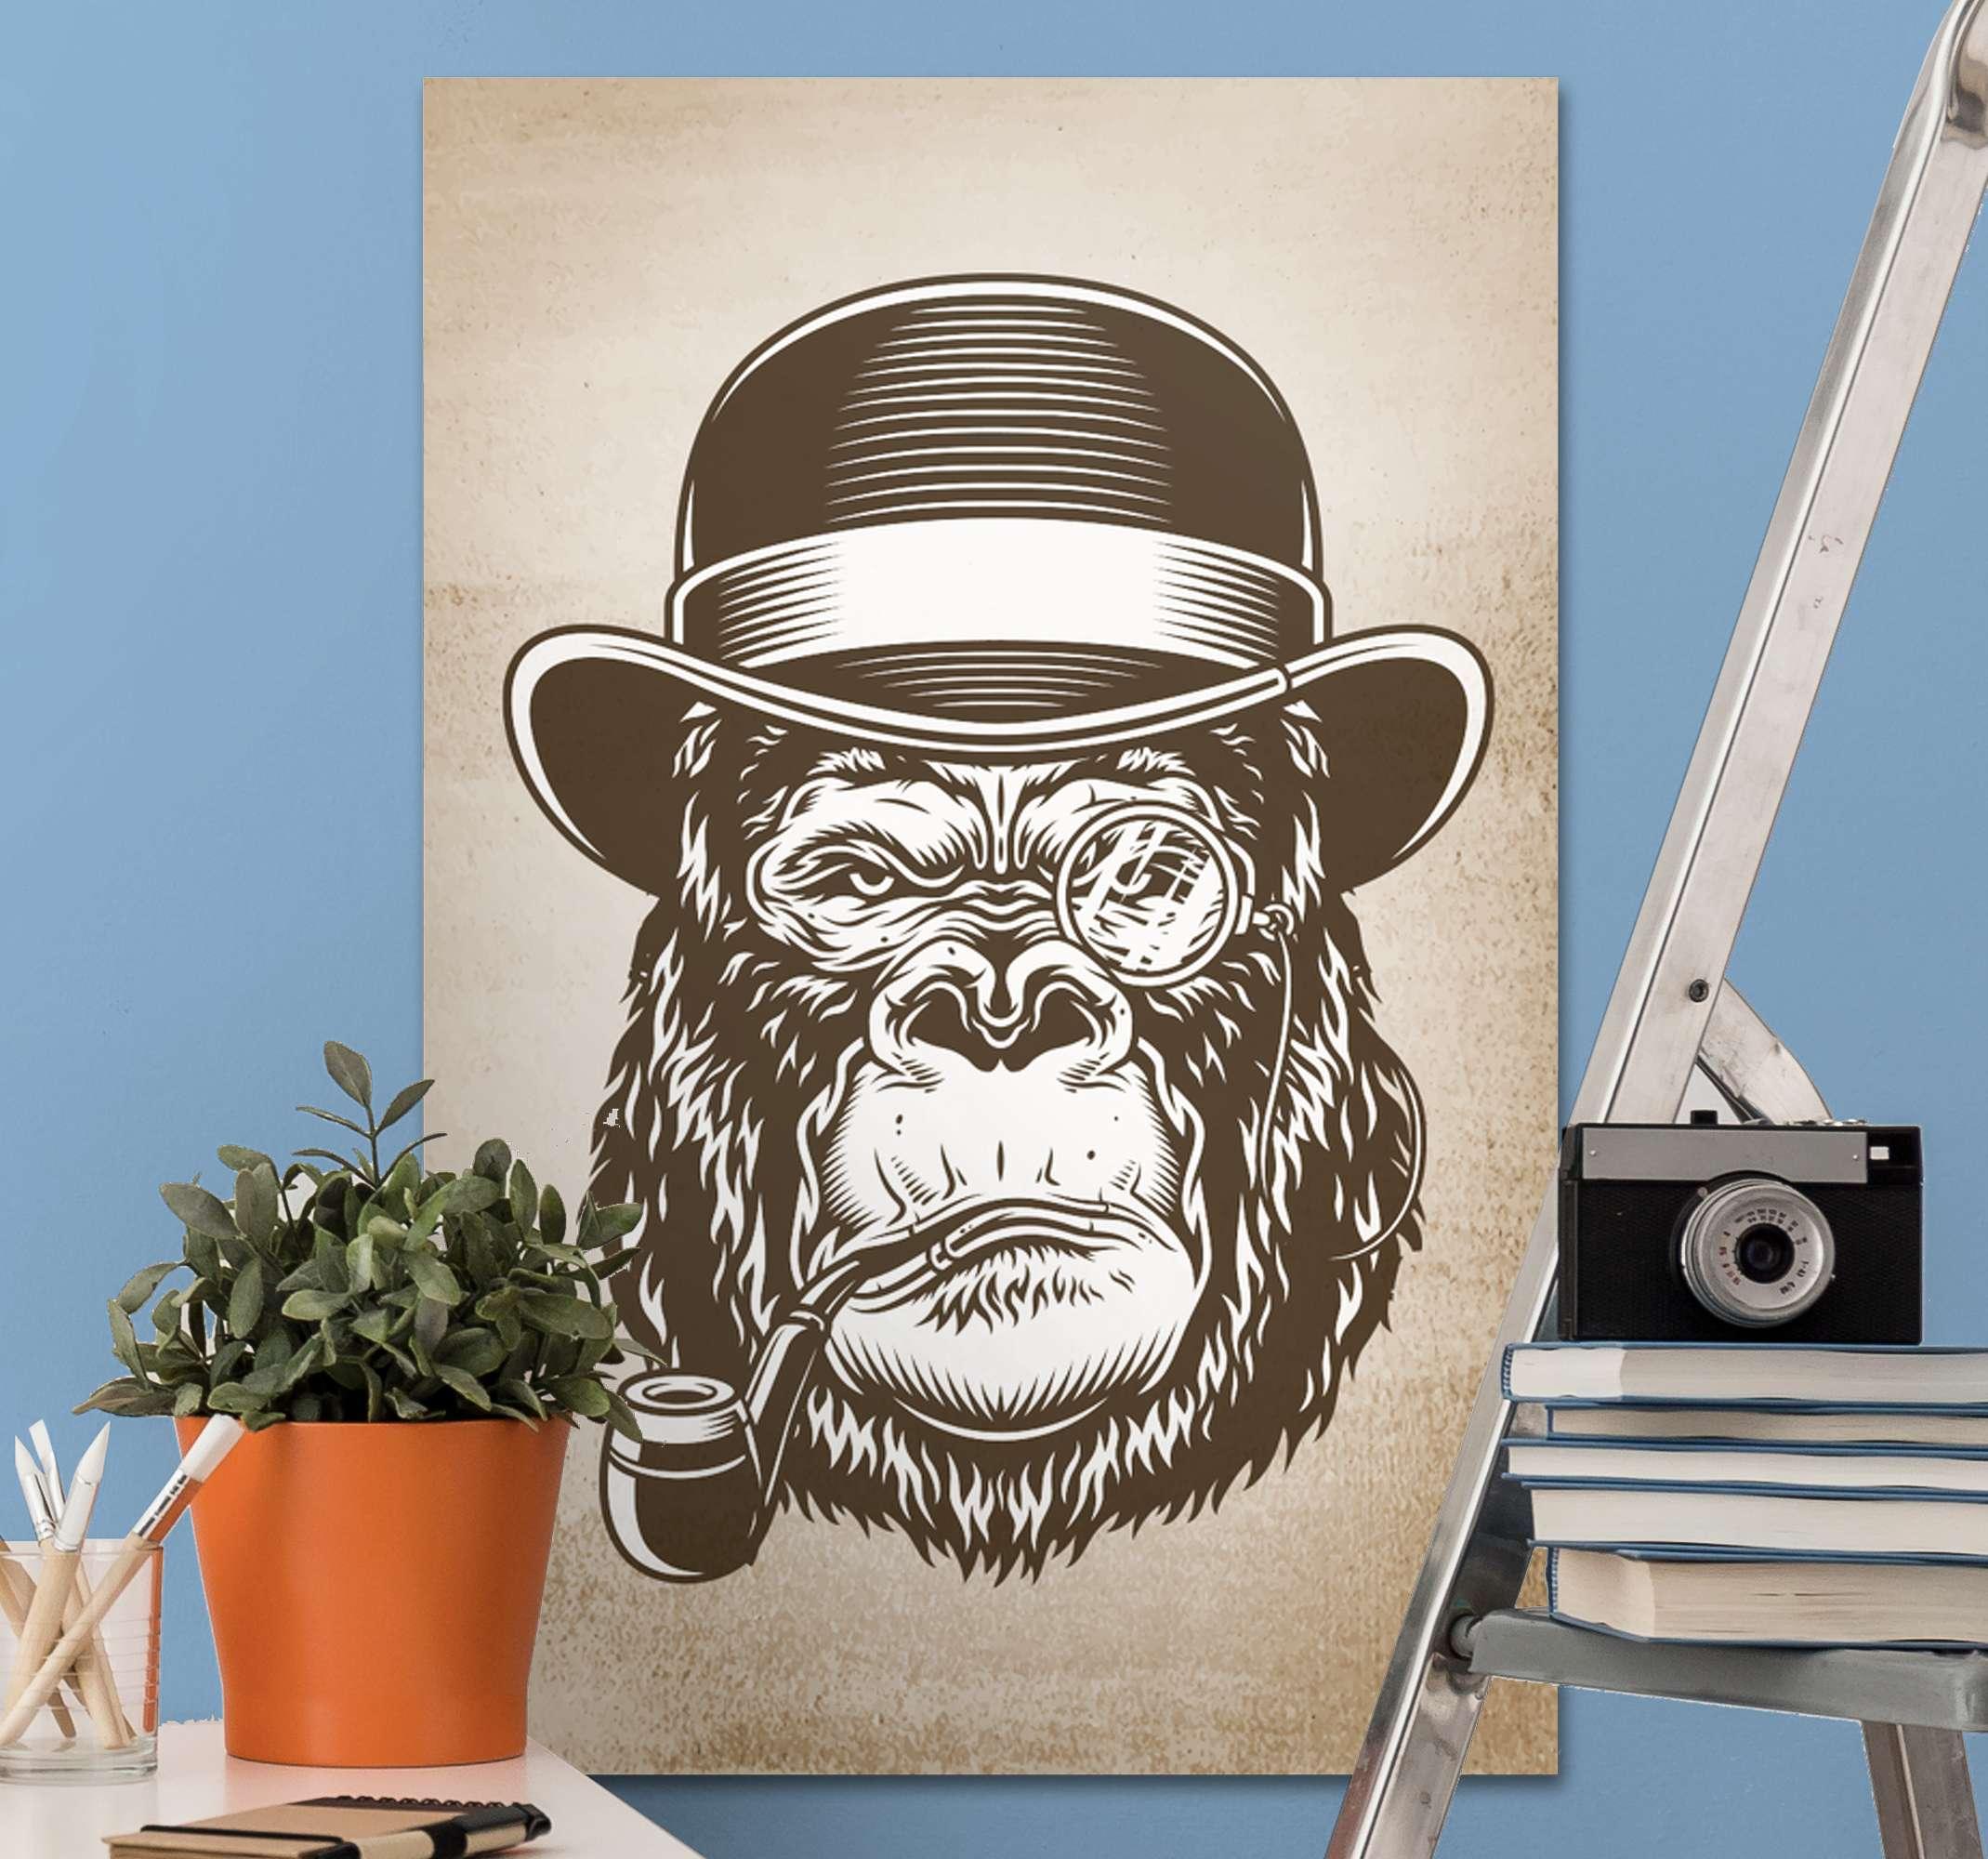 TenStickers. Rokende aap canvas schilderij. Rokende aap moderne canvas schilderij aan de muur voor uw huis. Voeg een vleugje kunst toe aan uw ruimte met onze hoogwaardige canvas schilderijen voor thuis.